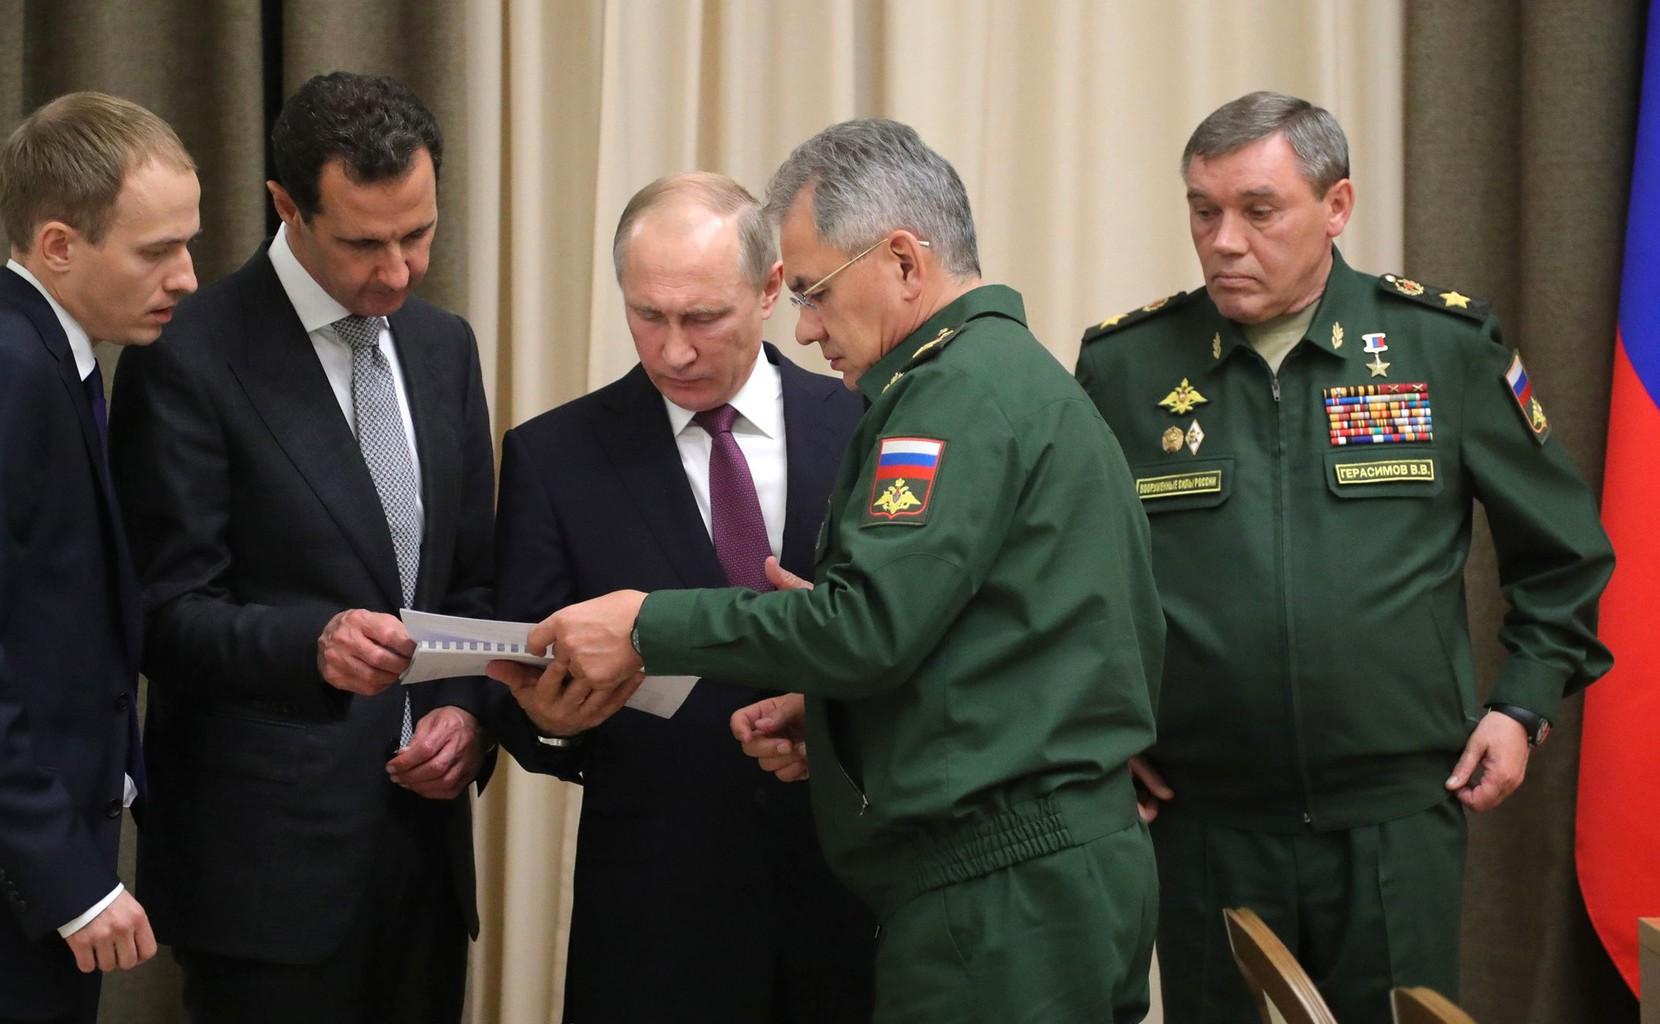 Vlagyimir Putyin és Bassár el-Aszad találkozása 2017 novemberében. A védelmi minisztérium képviseletében Szergej Sojgu és Valerij Geraszimov vesz részt #moszkvater